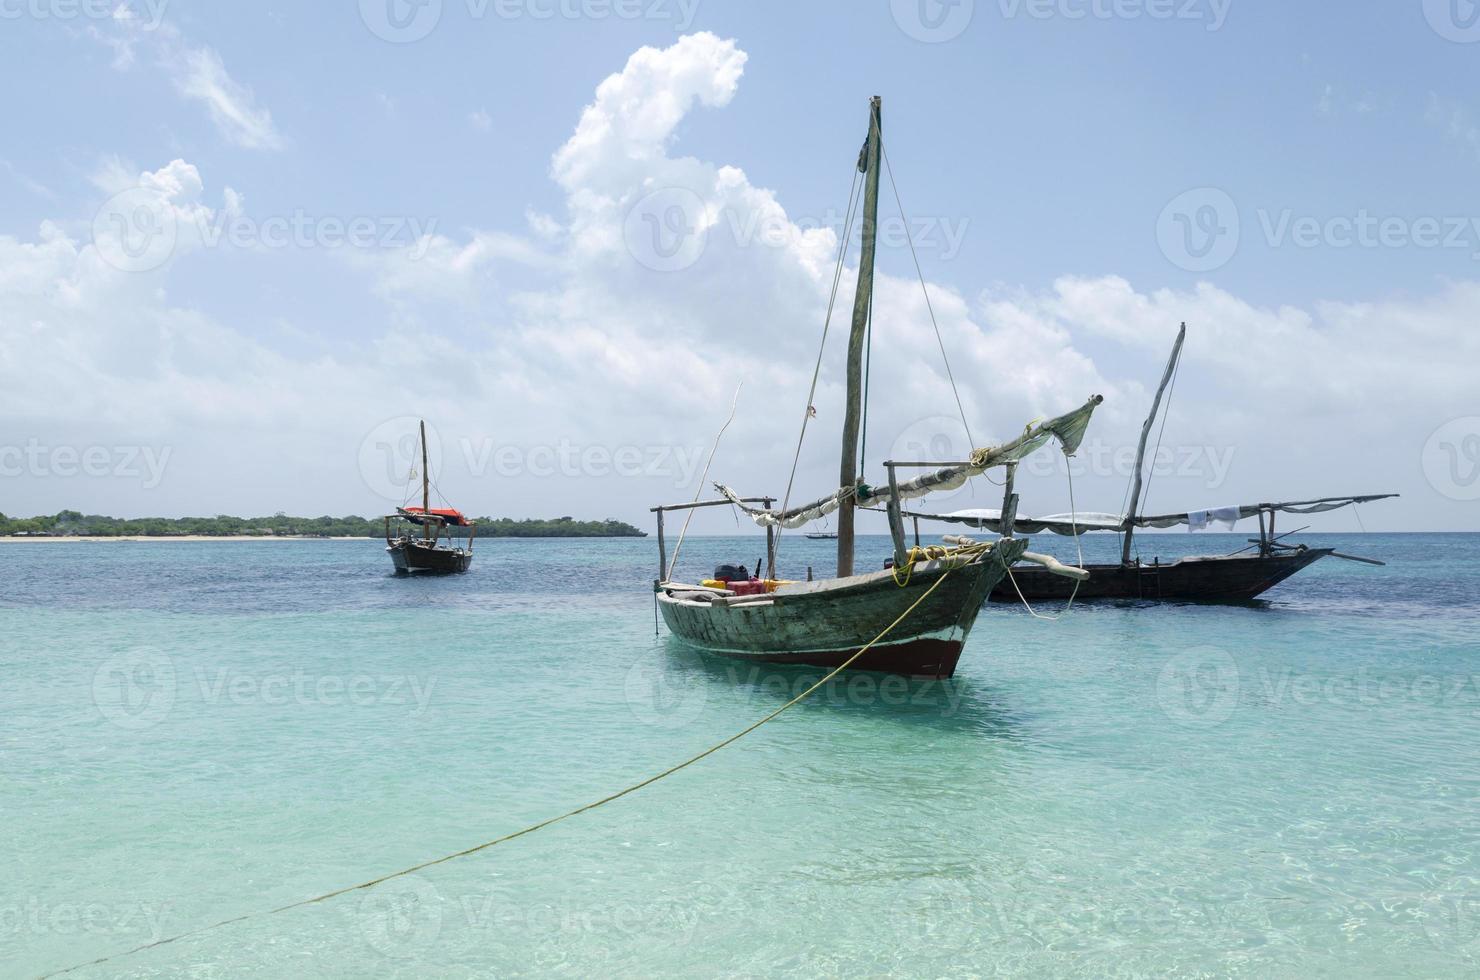 barca di legno sull'acqua turchese a zanzibar foto